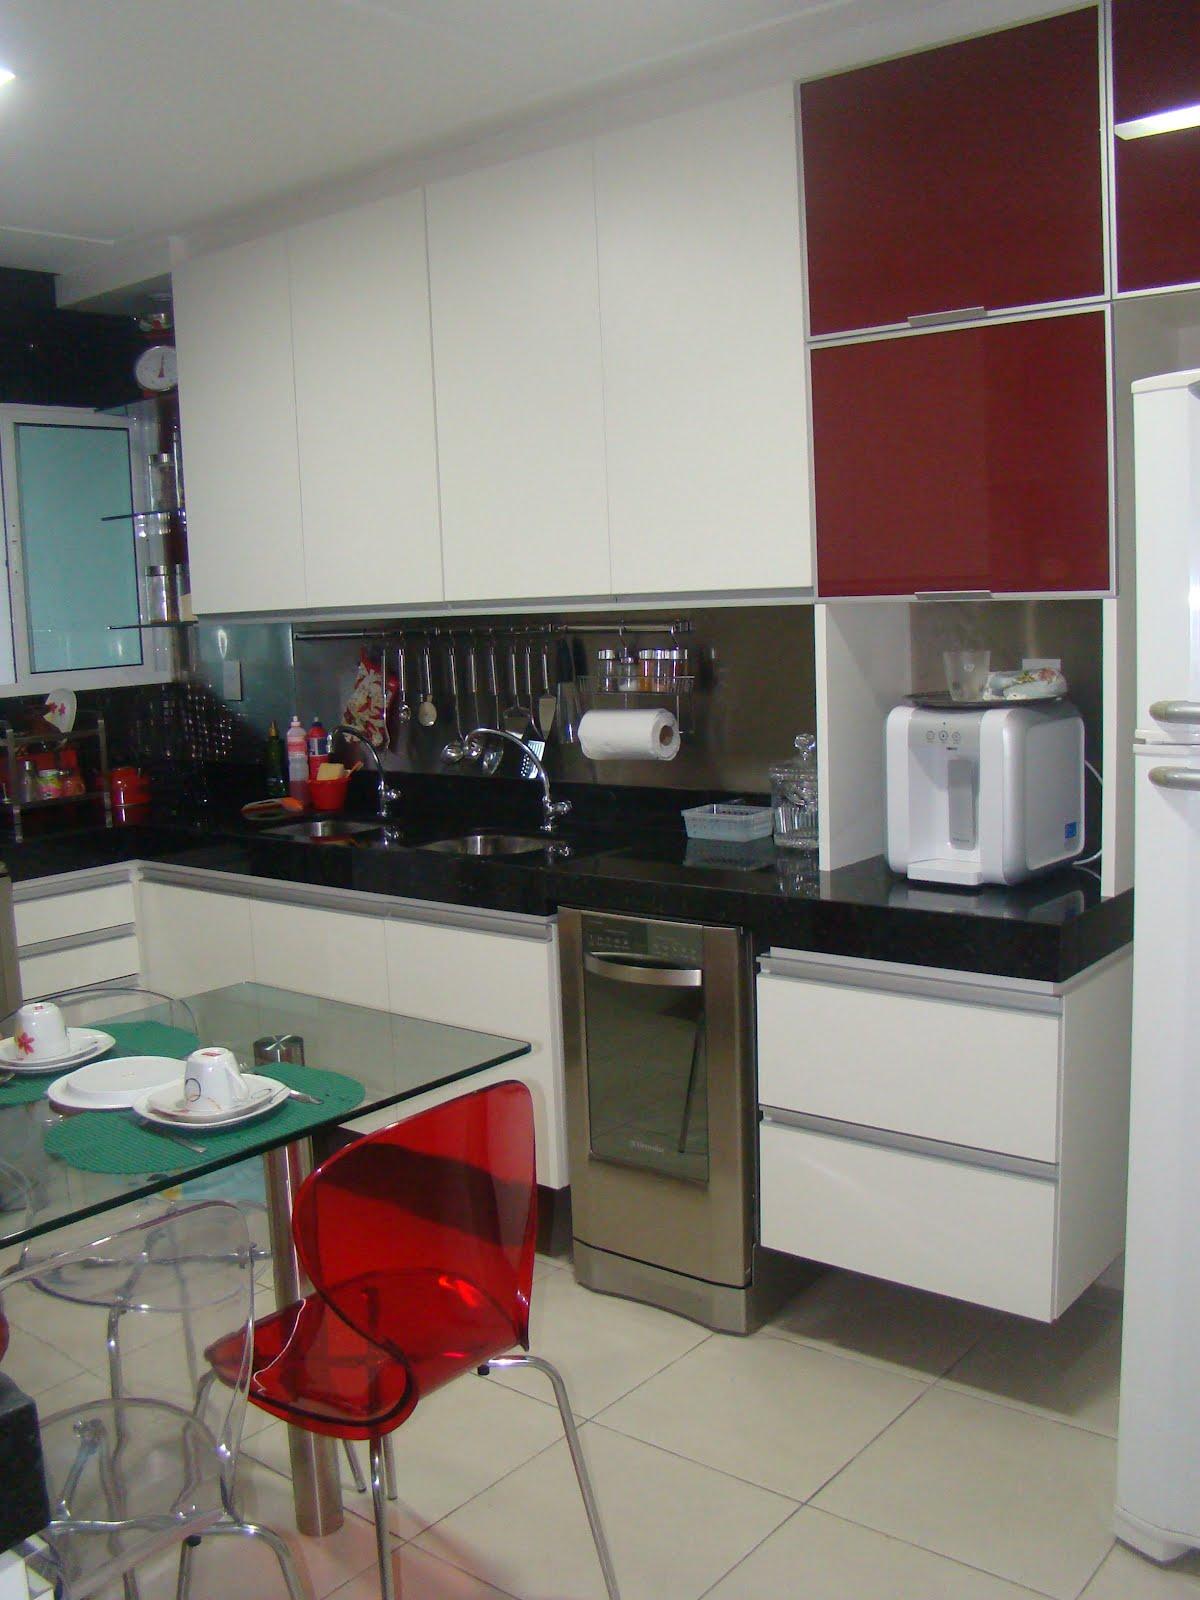 FS Arquitetura   Interiores: Ambientação Residência #682422 1200x1600